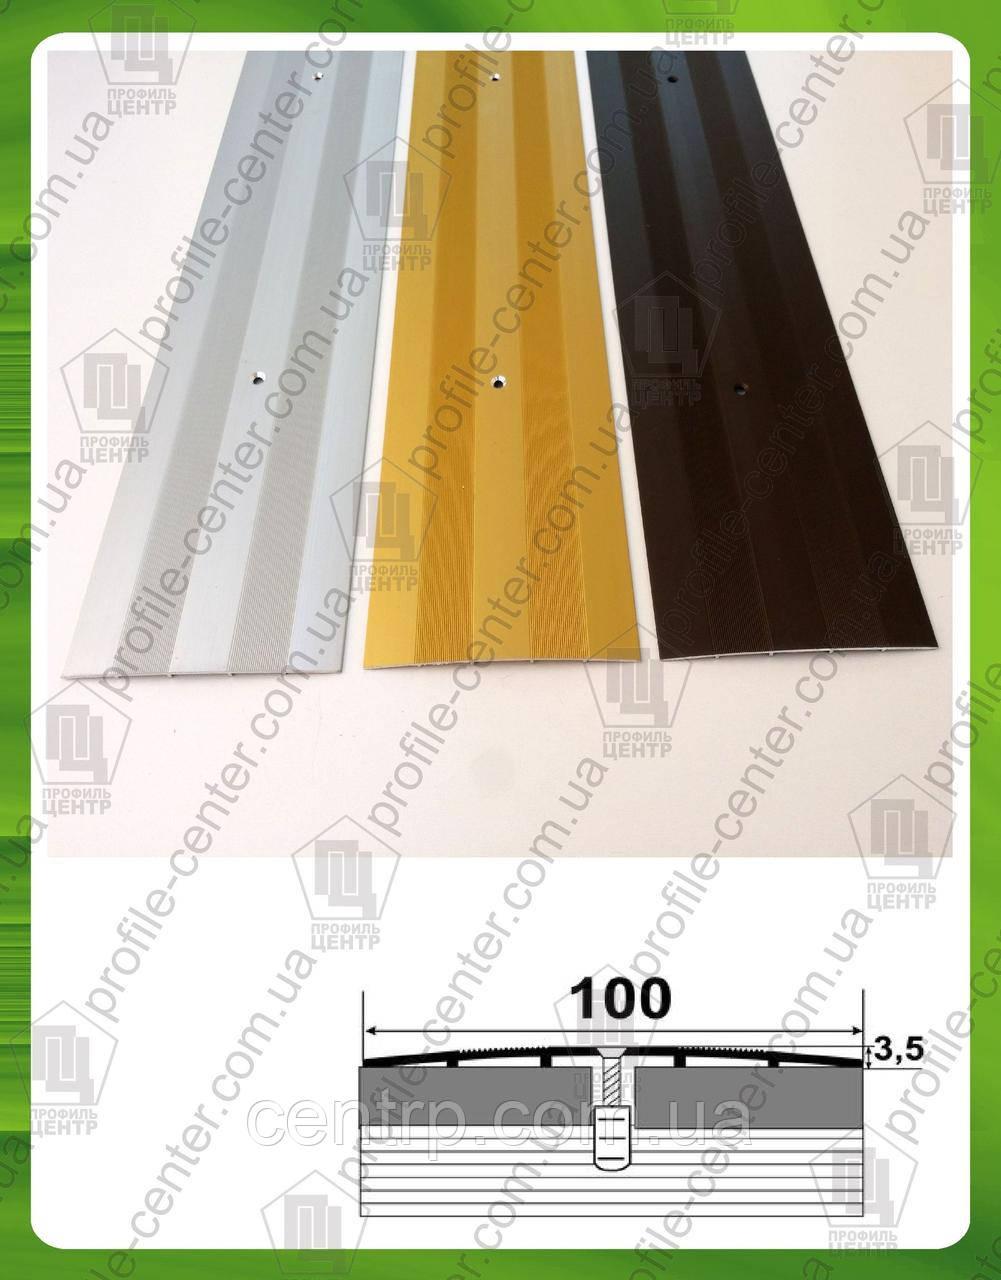 Порожек напольный широкий 100 мм алюминиевый А 100 анод